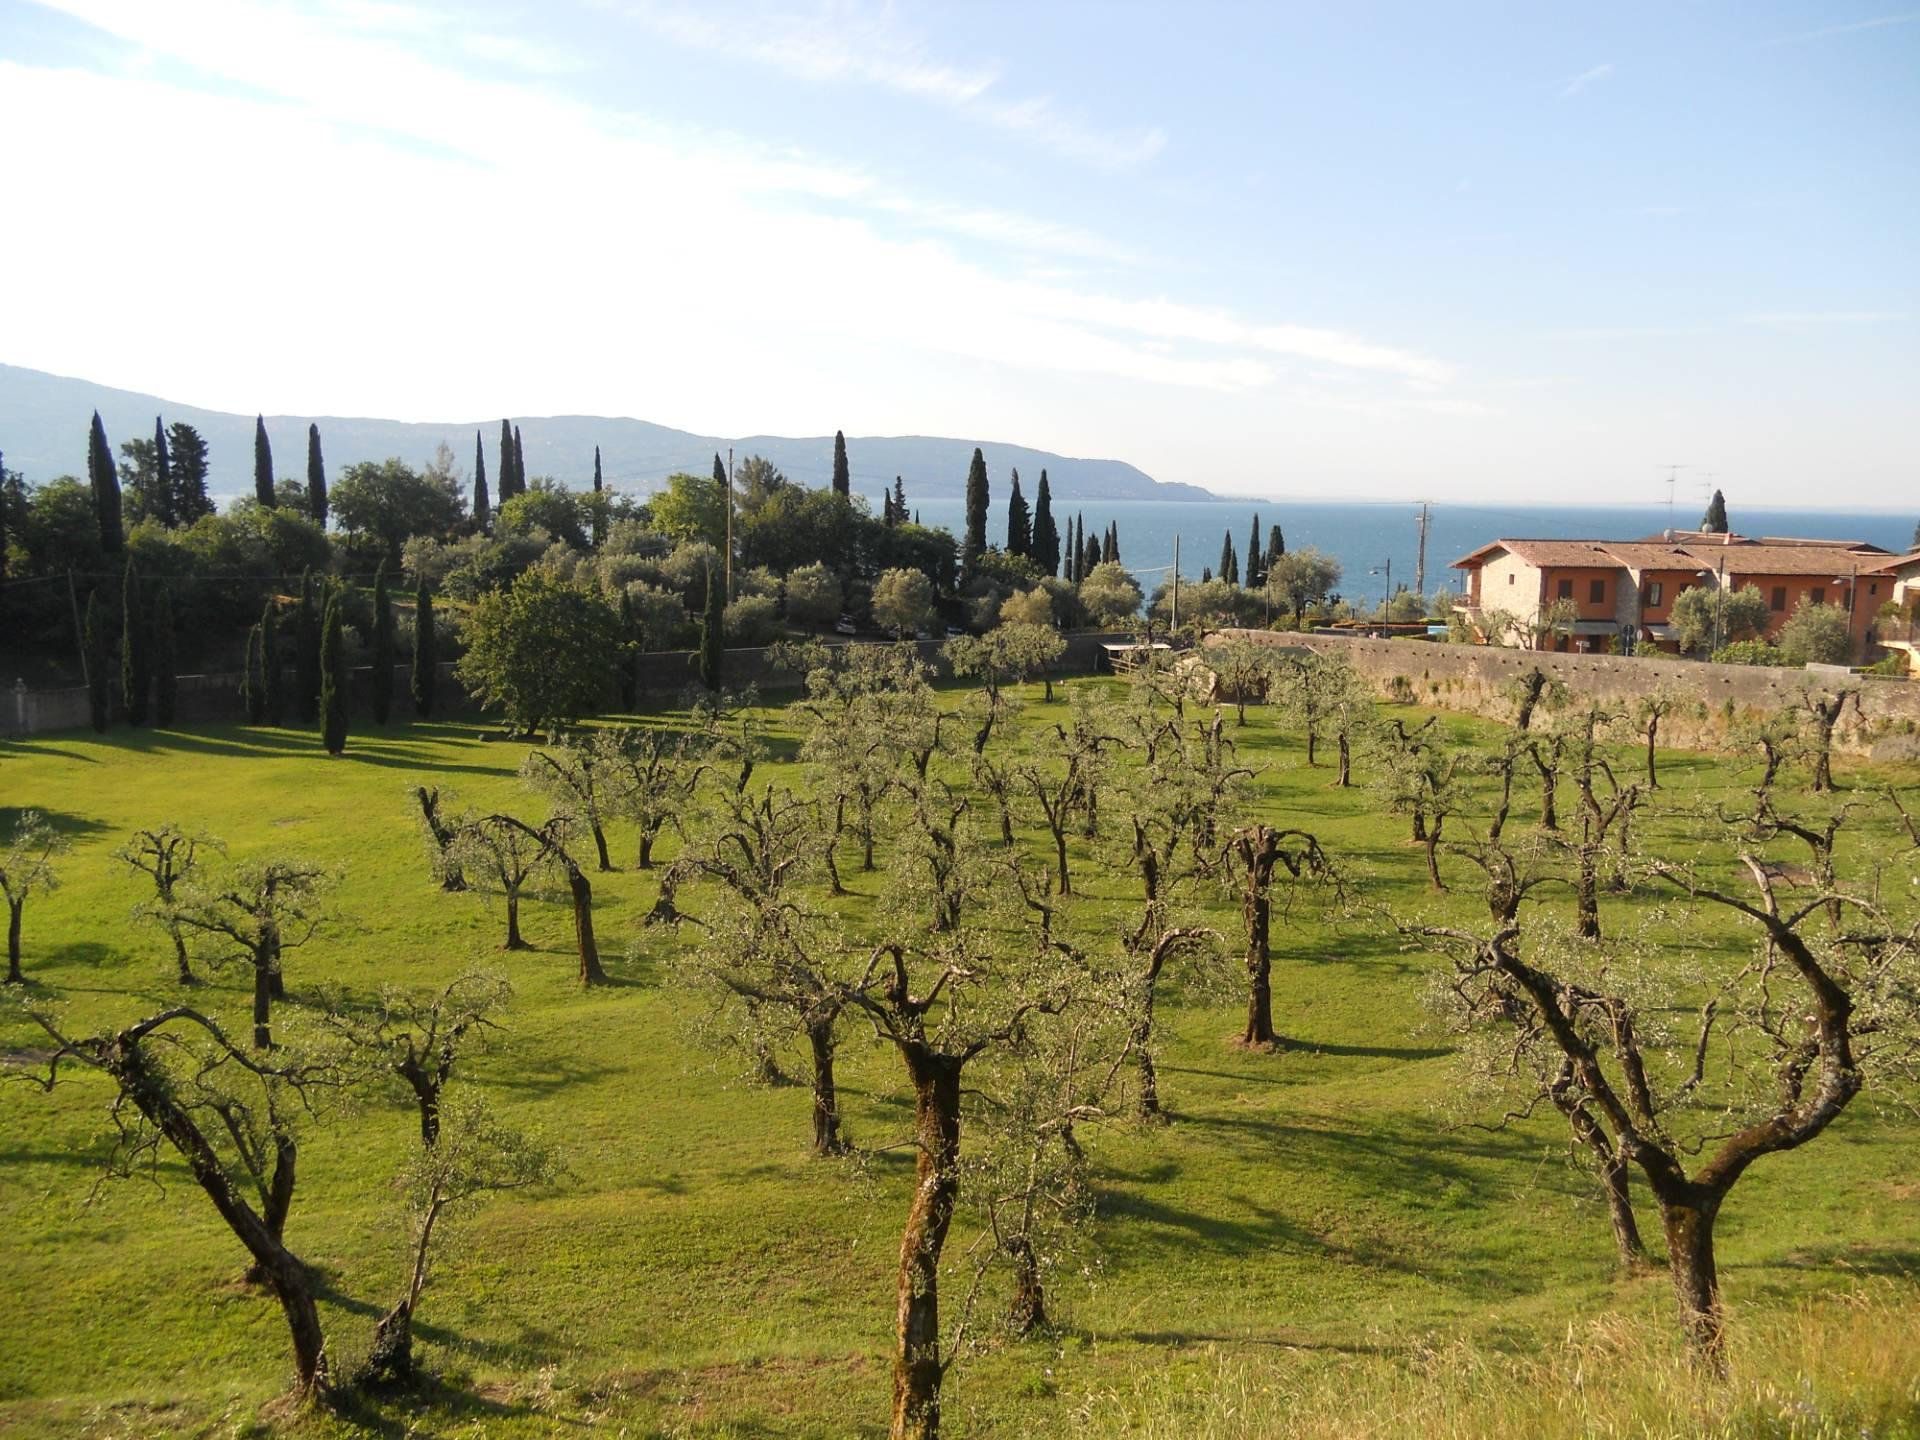 Rustico in Vendita a Toscolano-Maderno: 5 locali, 600 mq - Foto 8